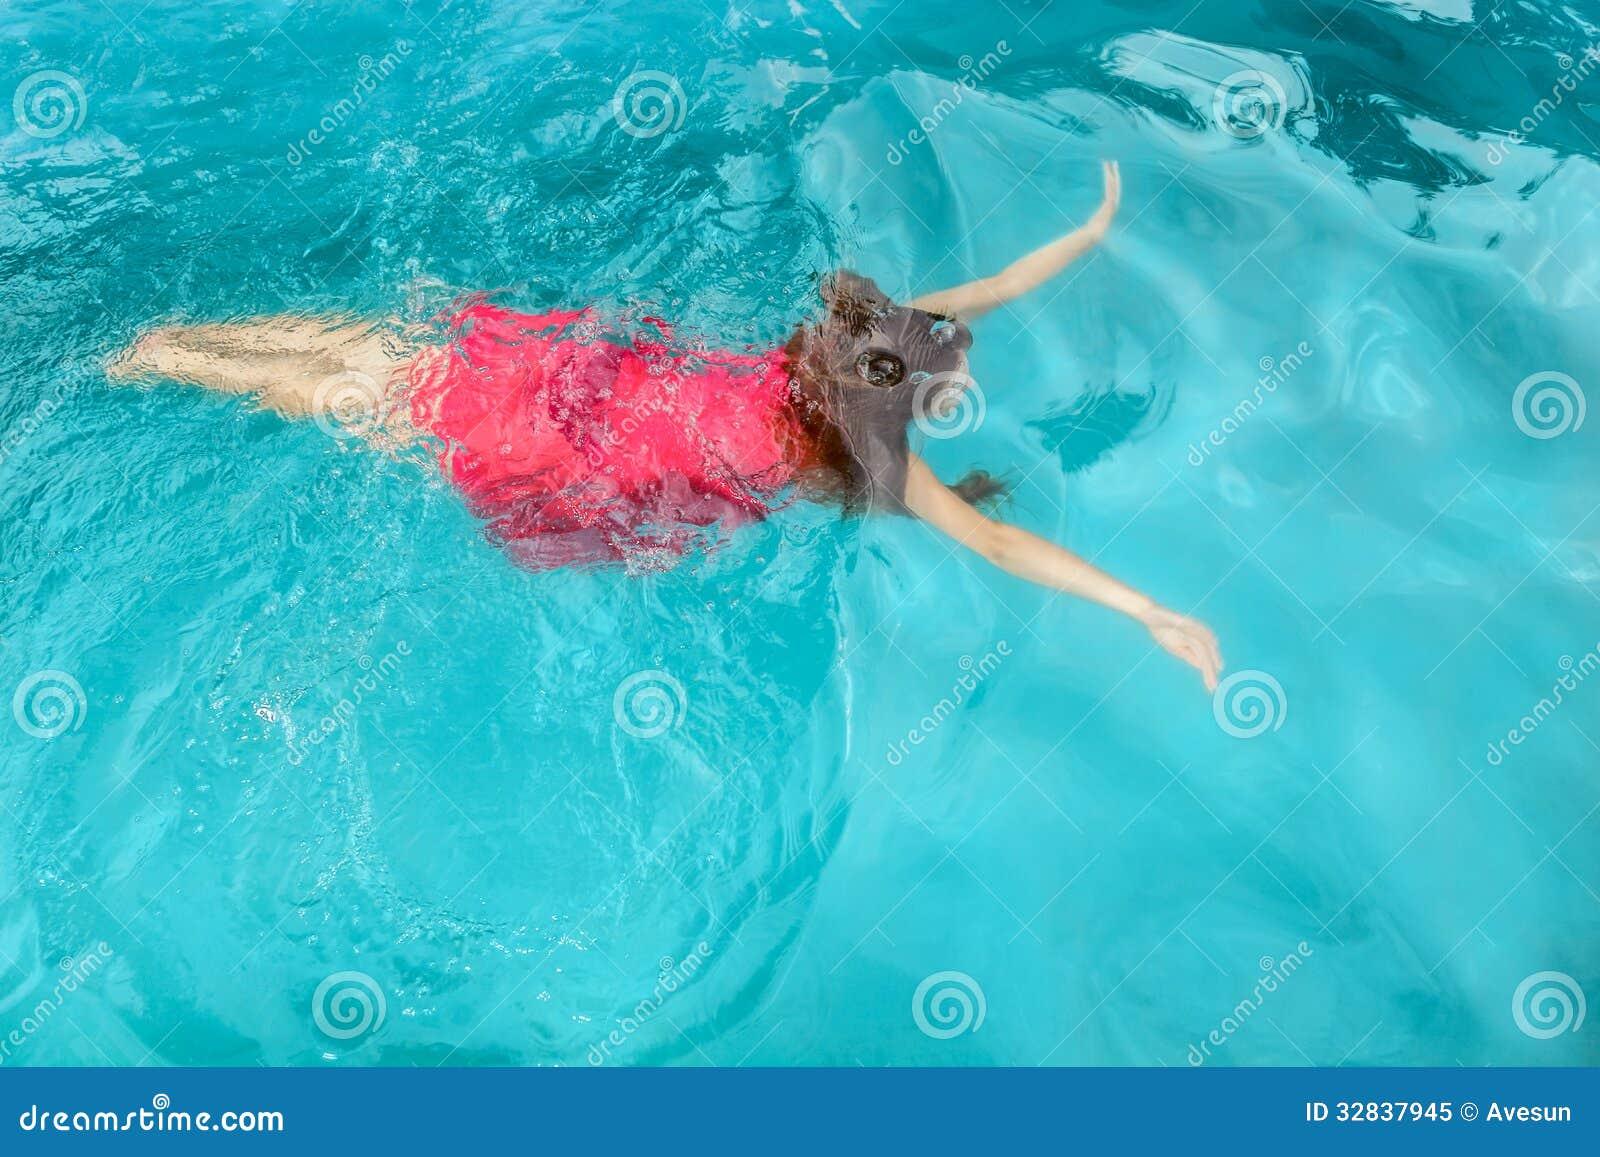 Wie geht ihr im Sommer baden nackt? Nacktheit